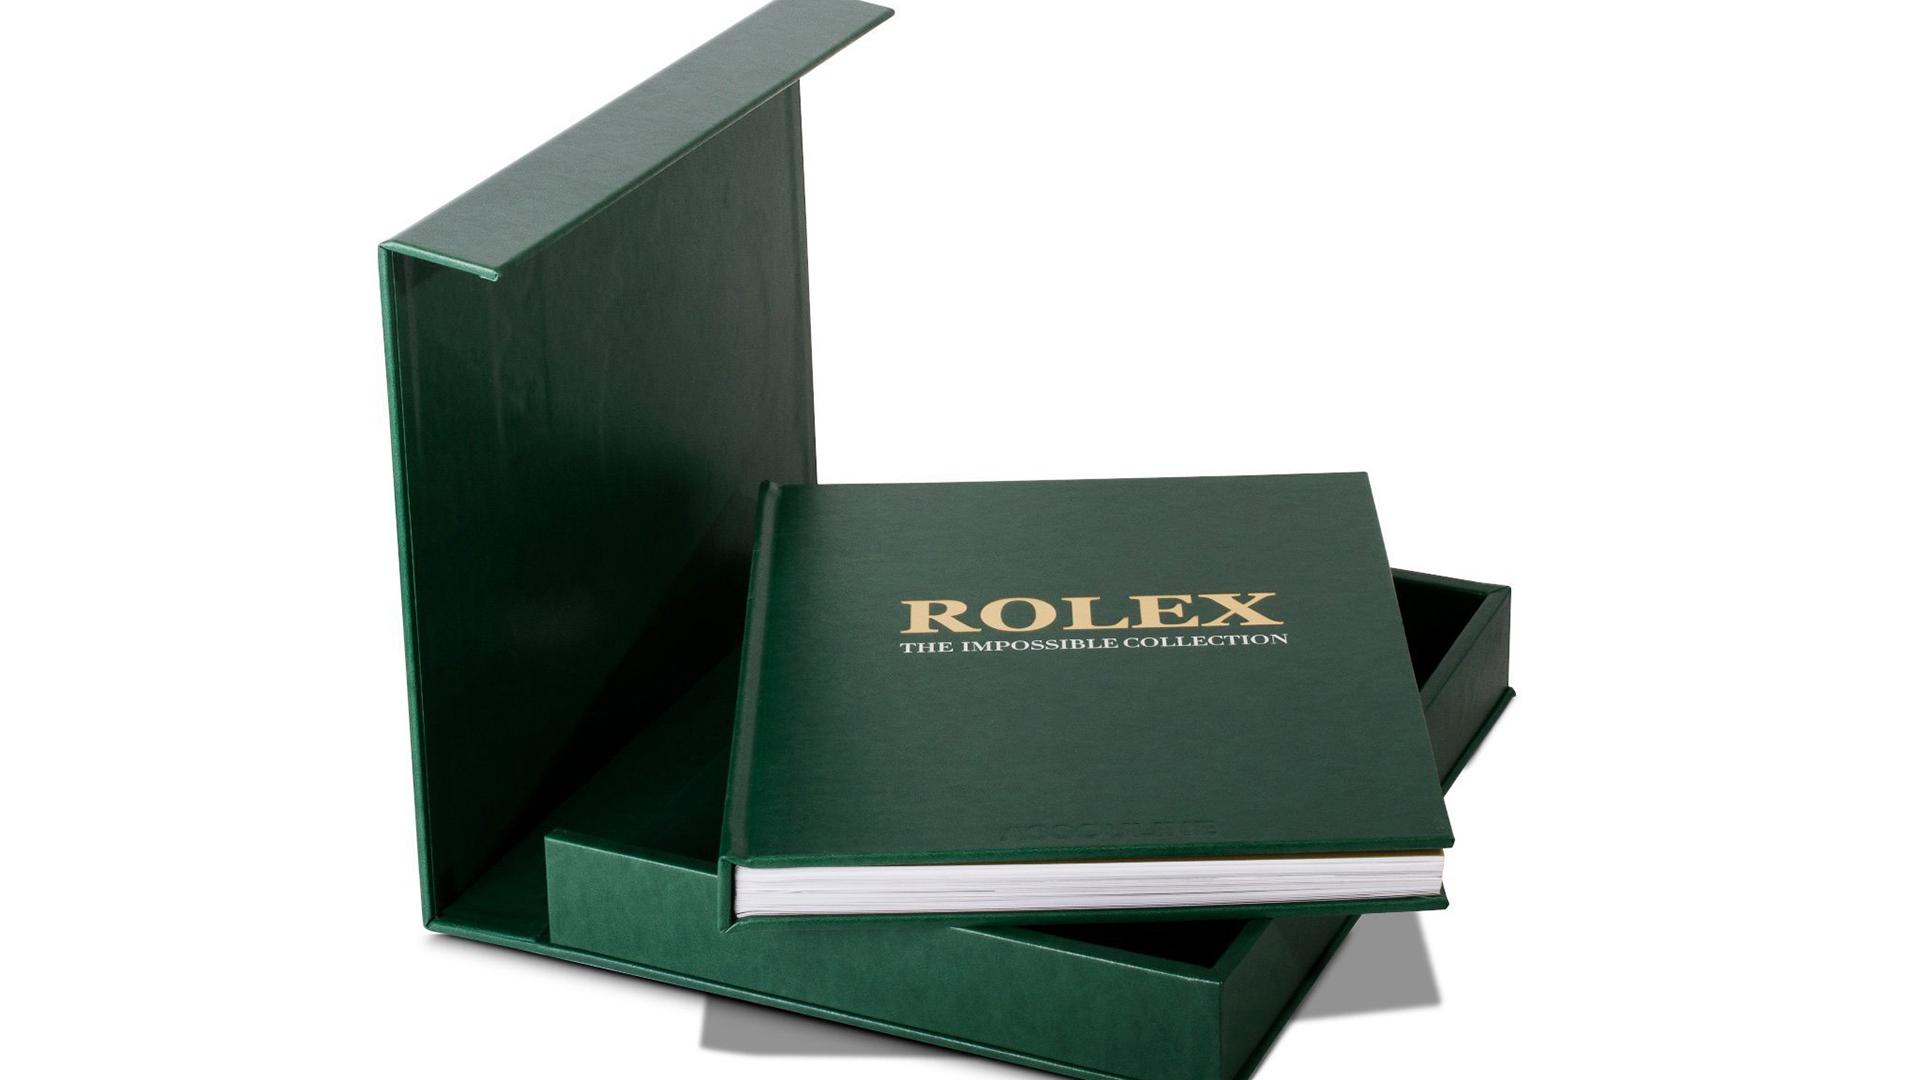 Libro Rolex hero asset